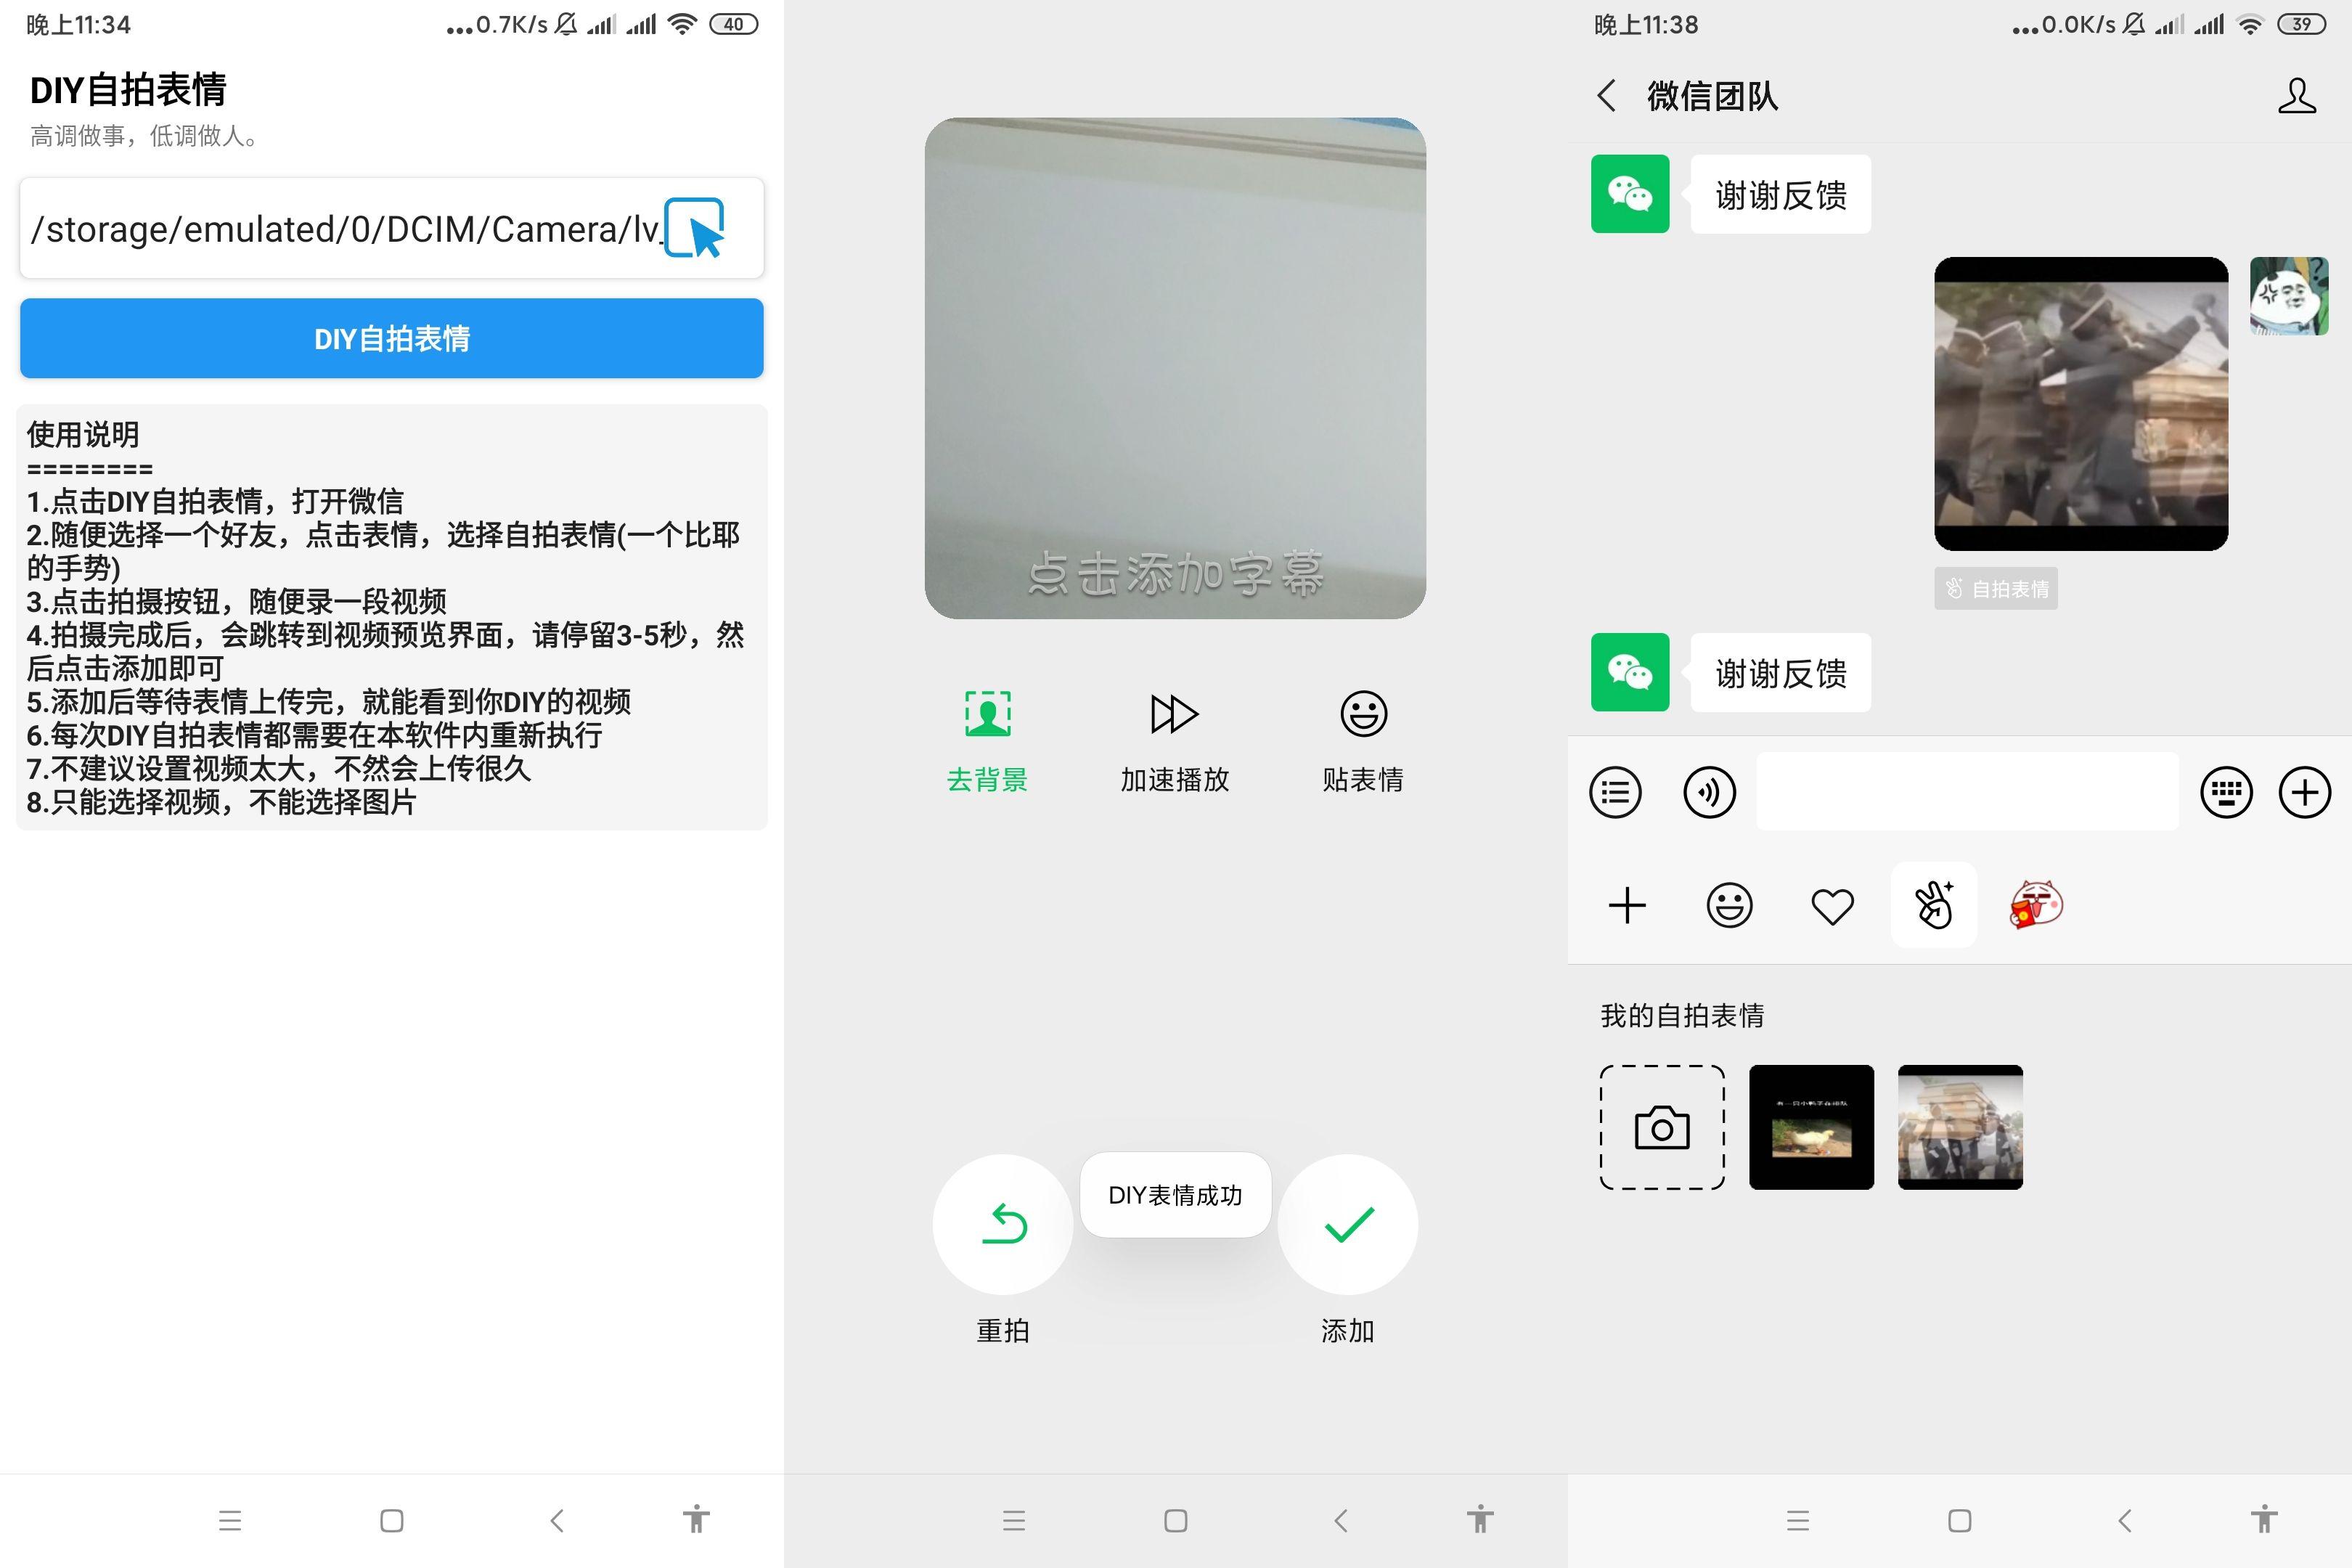 安卓DIY微信自拍表情v1.0版